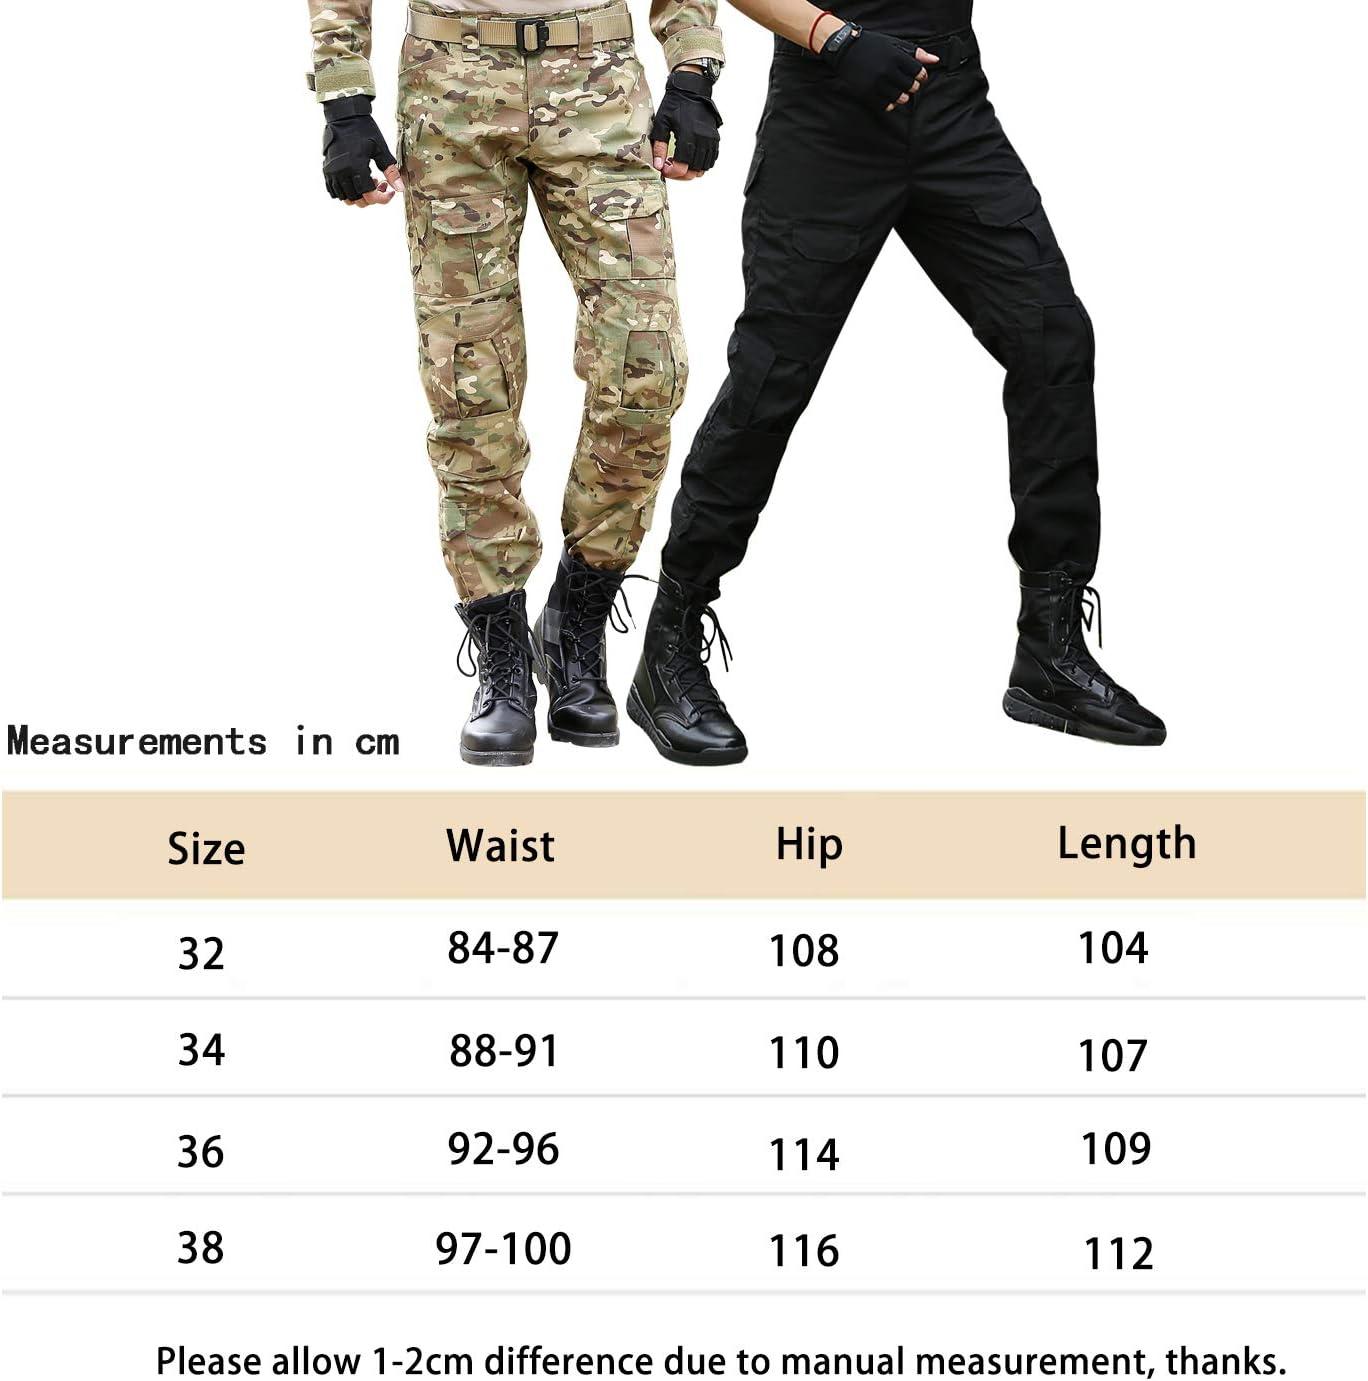 Bwbike Pantalones Tacticos Militares Para Hombres Con Rodilleras Pantalones De Trabajo De Combate Ropa Hombre